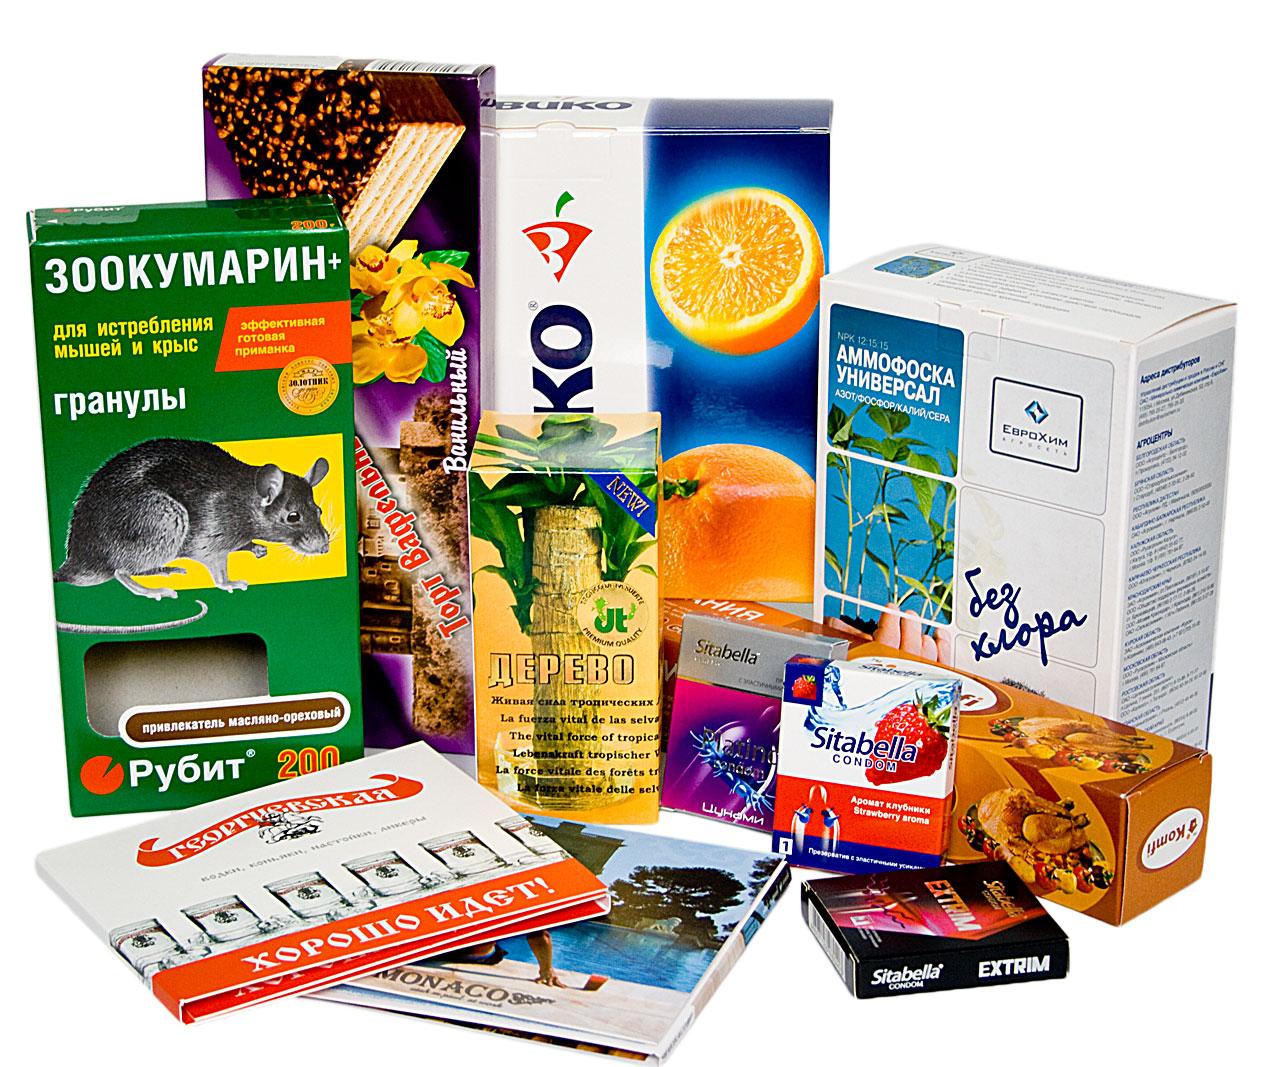 Этикетка и упаковка в Краснодаре премиум класса.